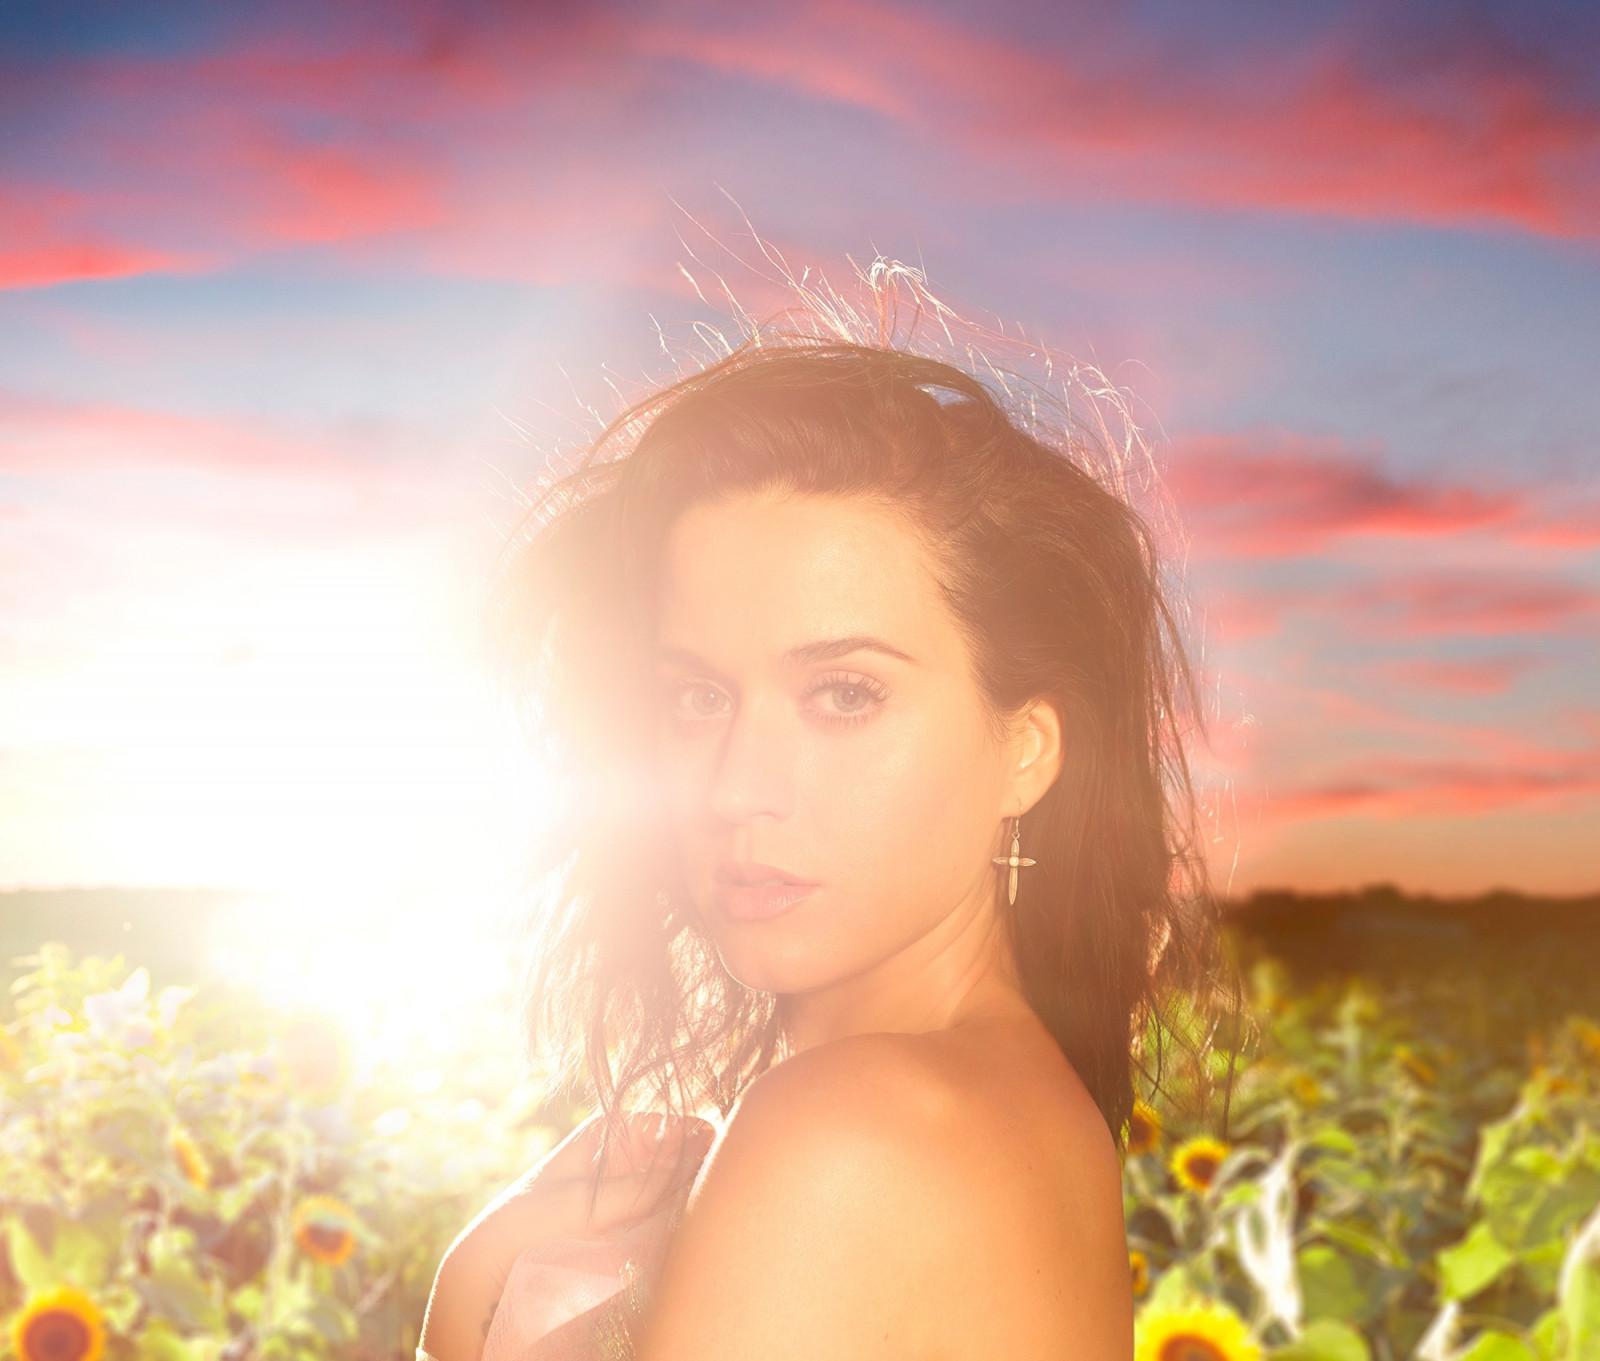 Fondos de pantalla : luz de sol, mujer, modelo, puesta de